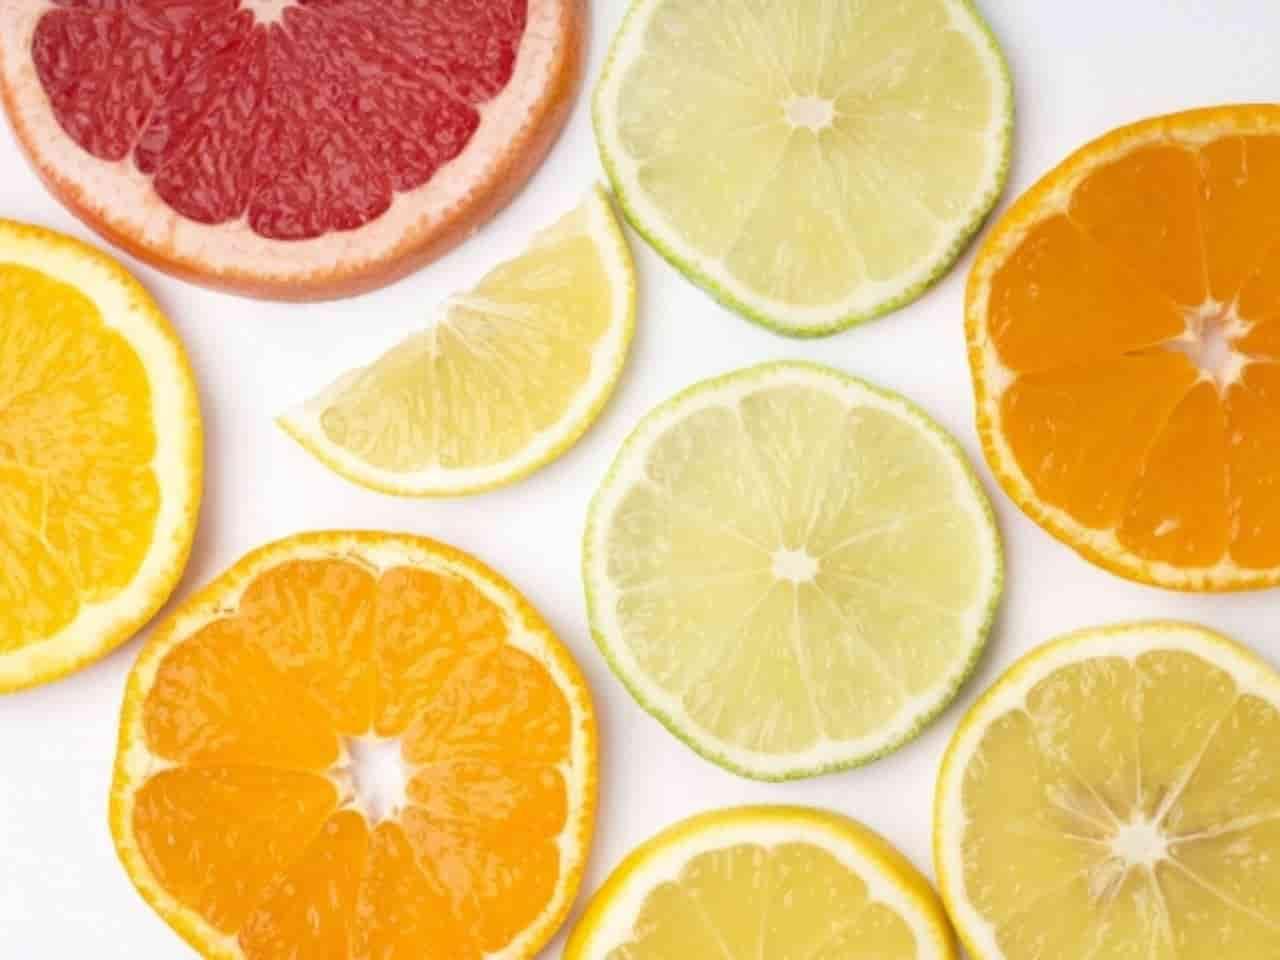 様々な果物の断面